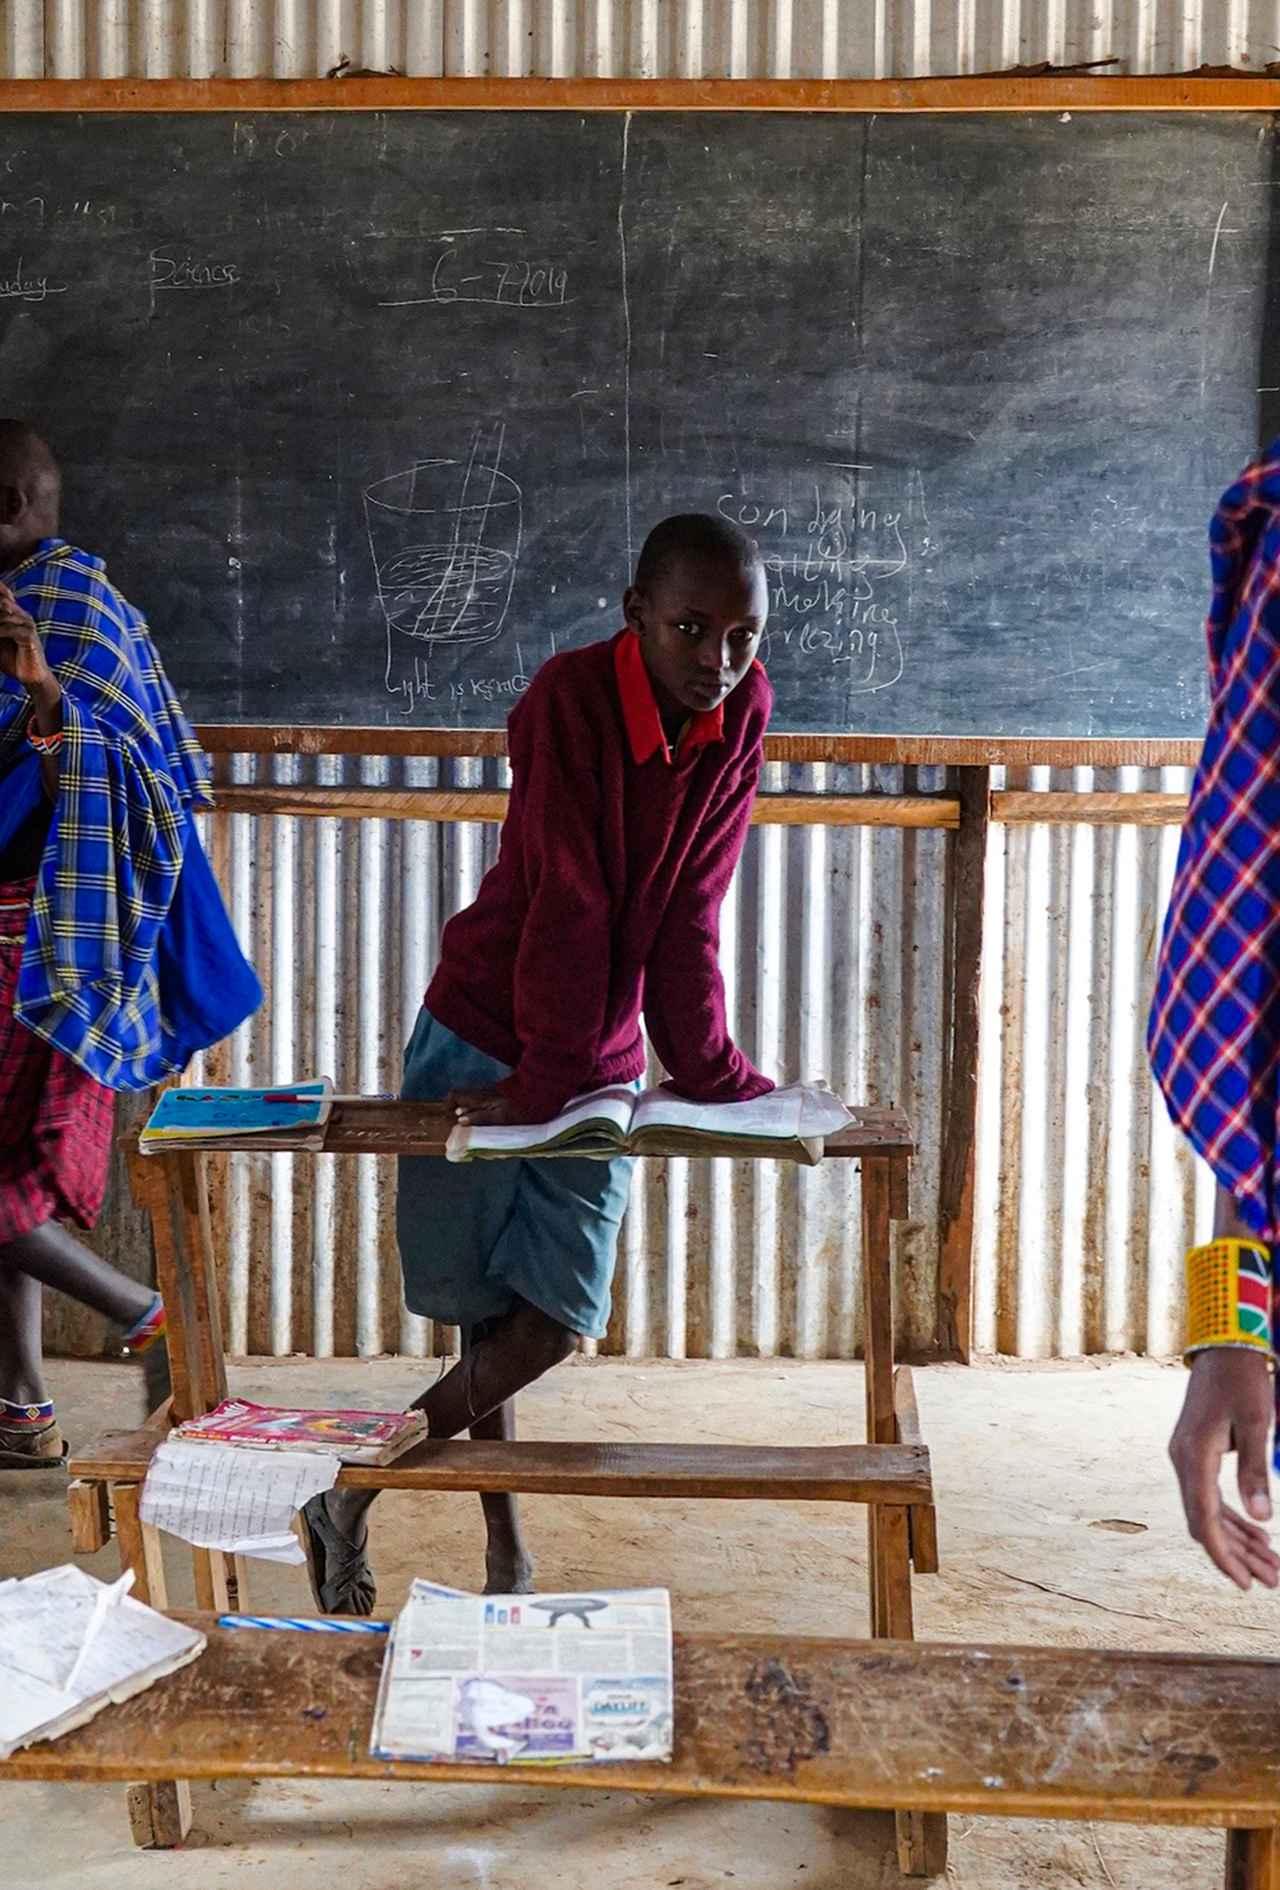 画像: マサイ族やその他の部族の子供たちに授業をしている地元の学校。ここは訪問客による寄付金や世界スカウト機構からの支援で運営されている